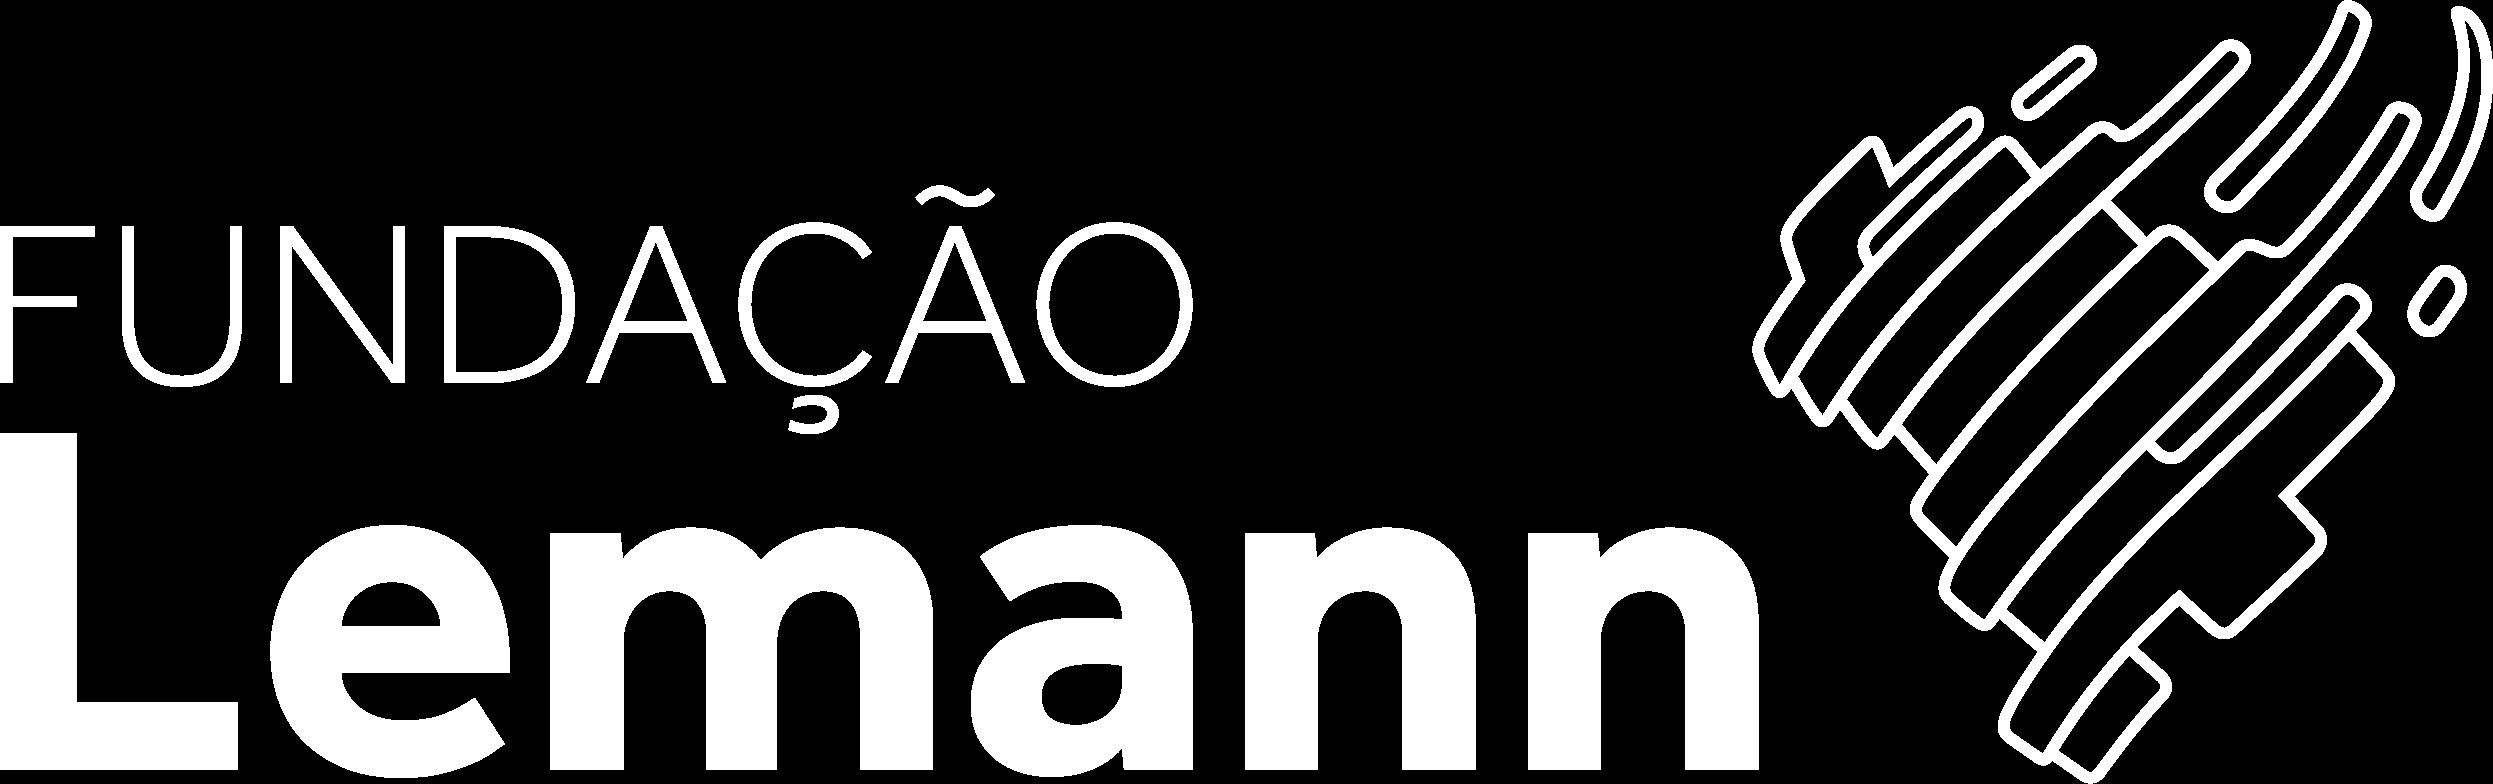 Fundação Lemann